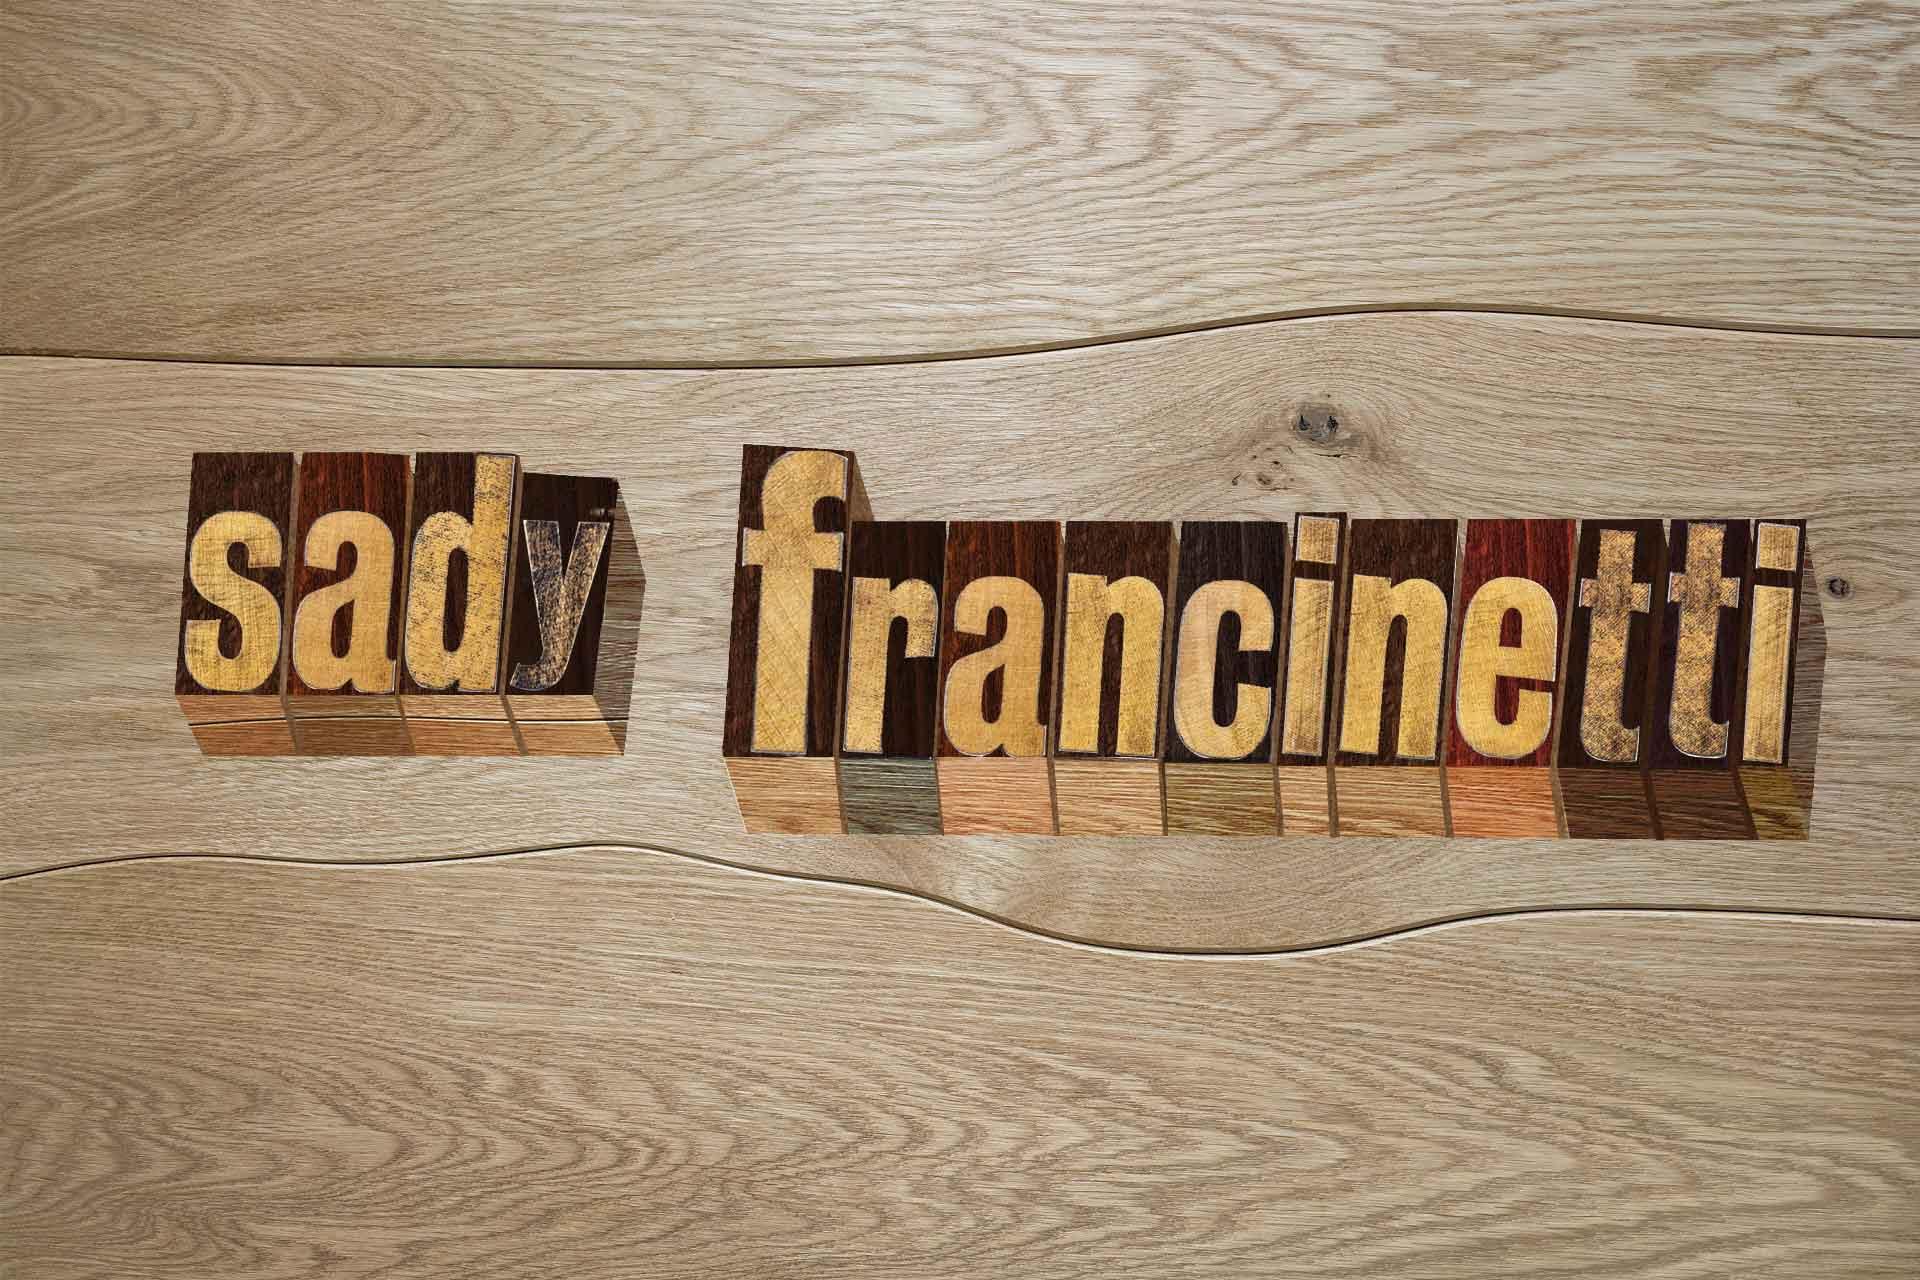 lavorazione - tipografia sady francinetti